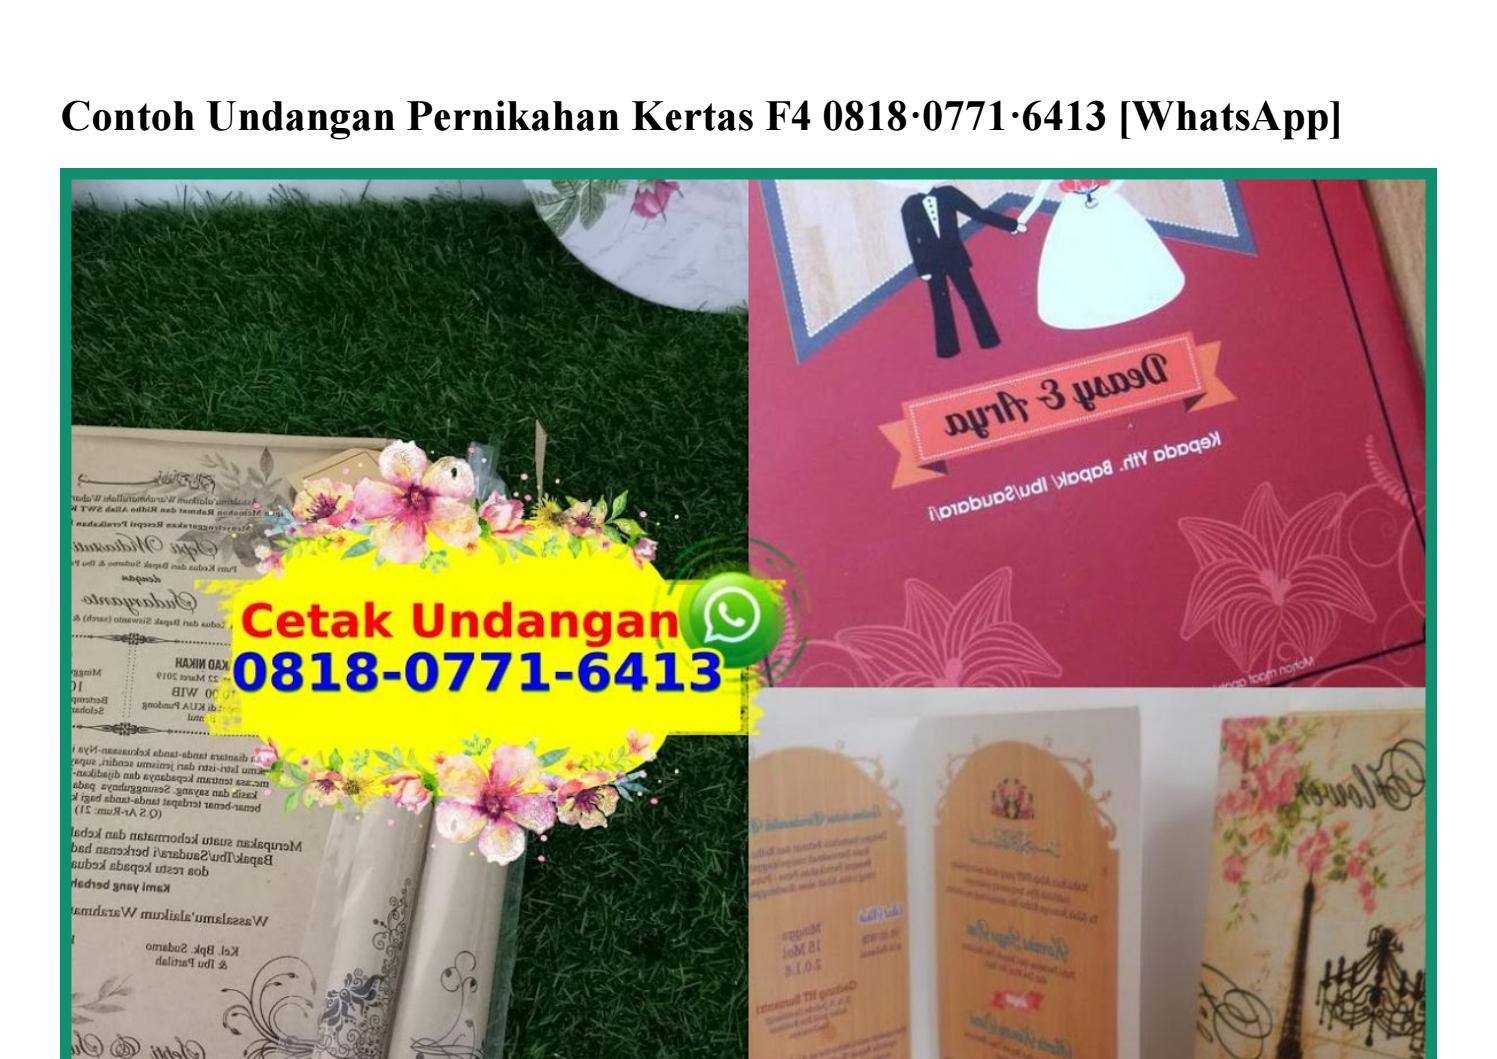 Contoh Undangan Pernikahan Kertas F4 0818 0771 6413 Wa By Vendor Murahgrosir Issuu